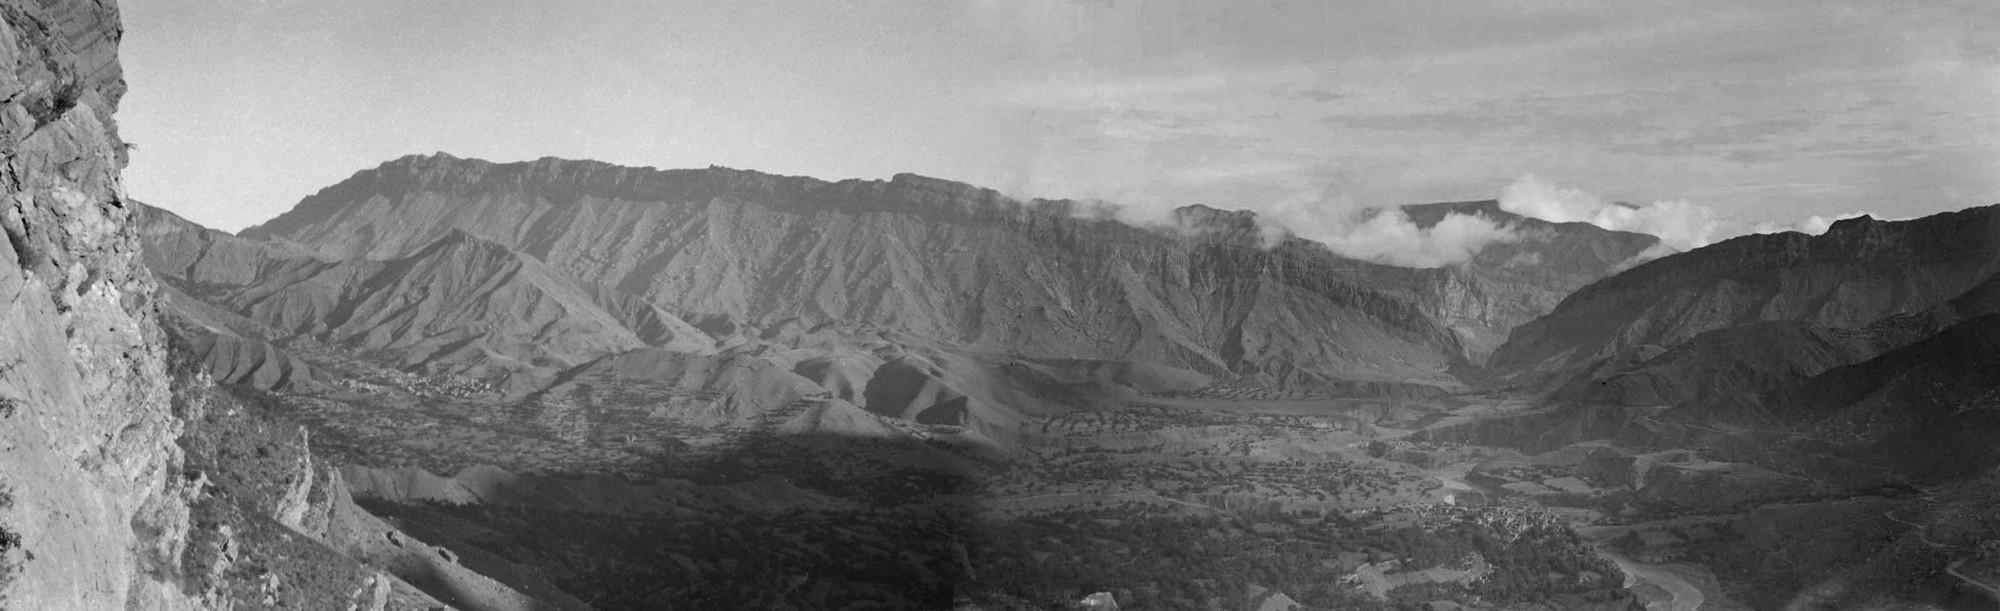 Хиндах. Панорама от села Гуниб. 1933. Уильям Осгуд Филд (William Osgood Field)